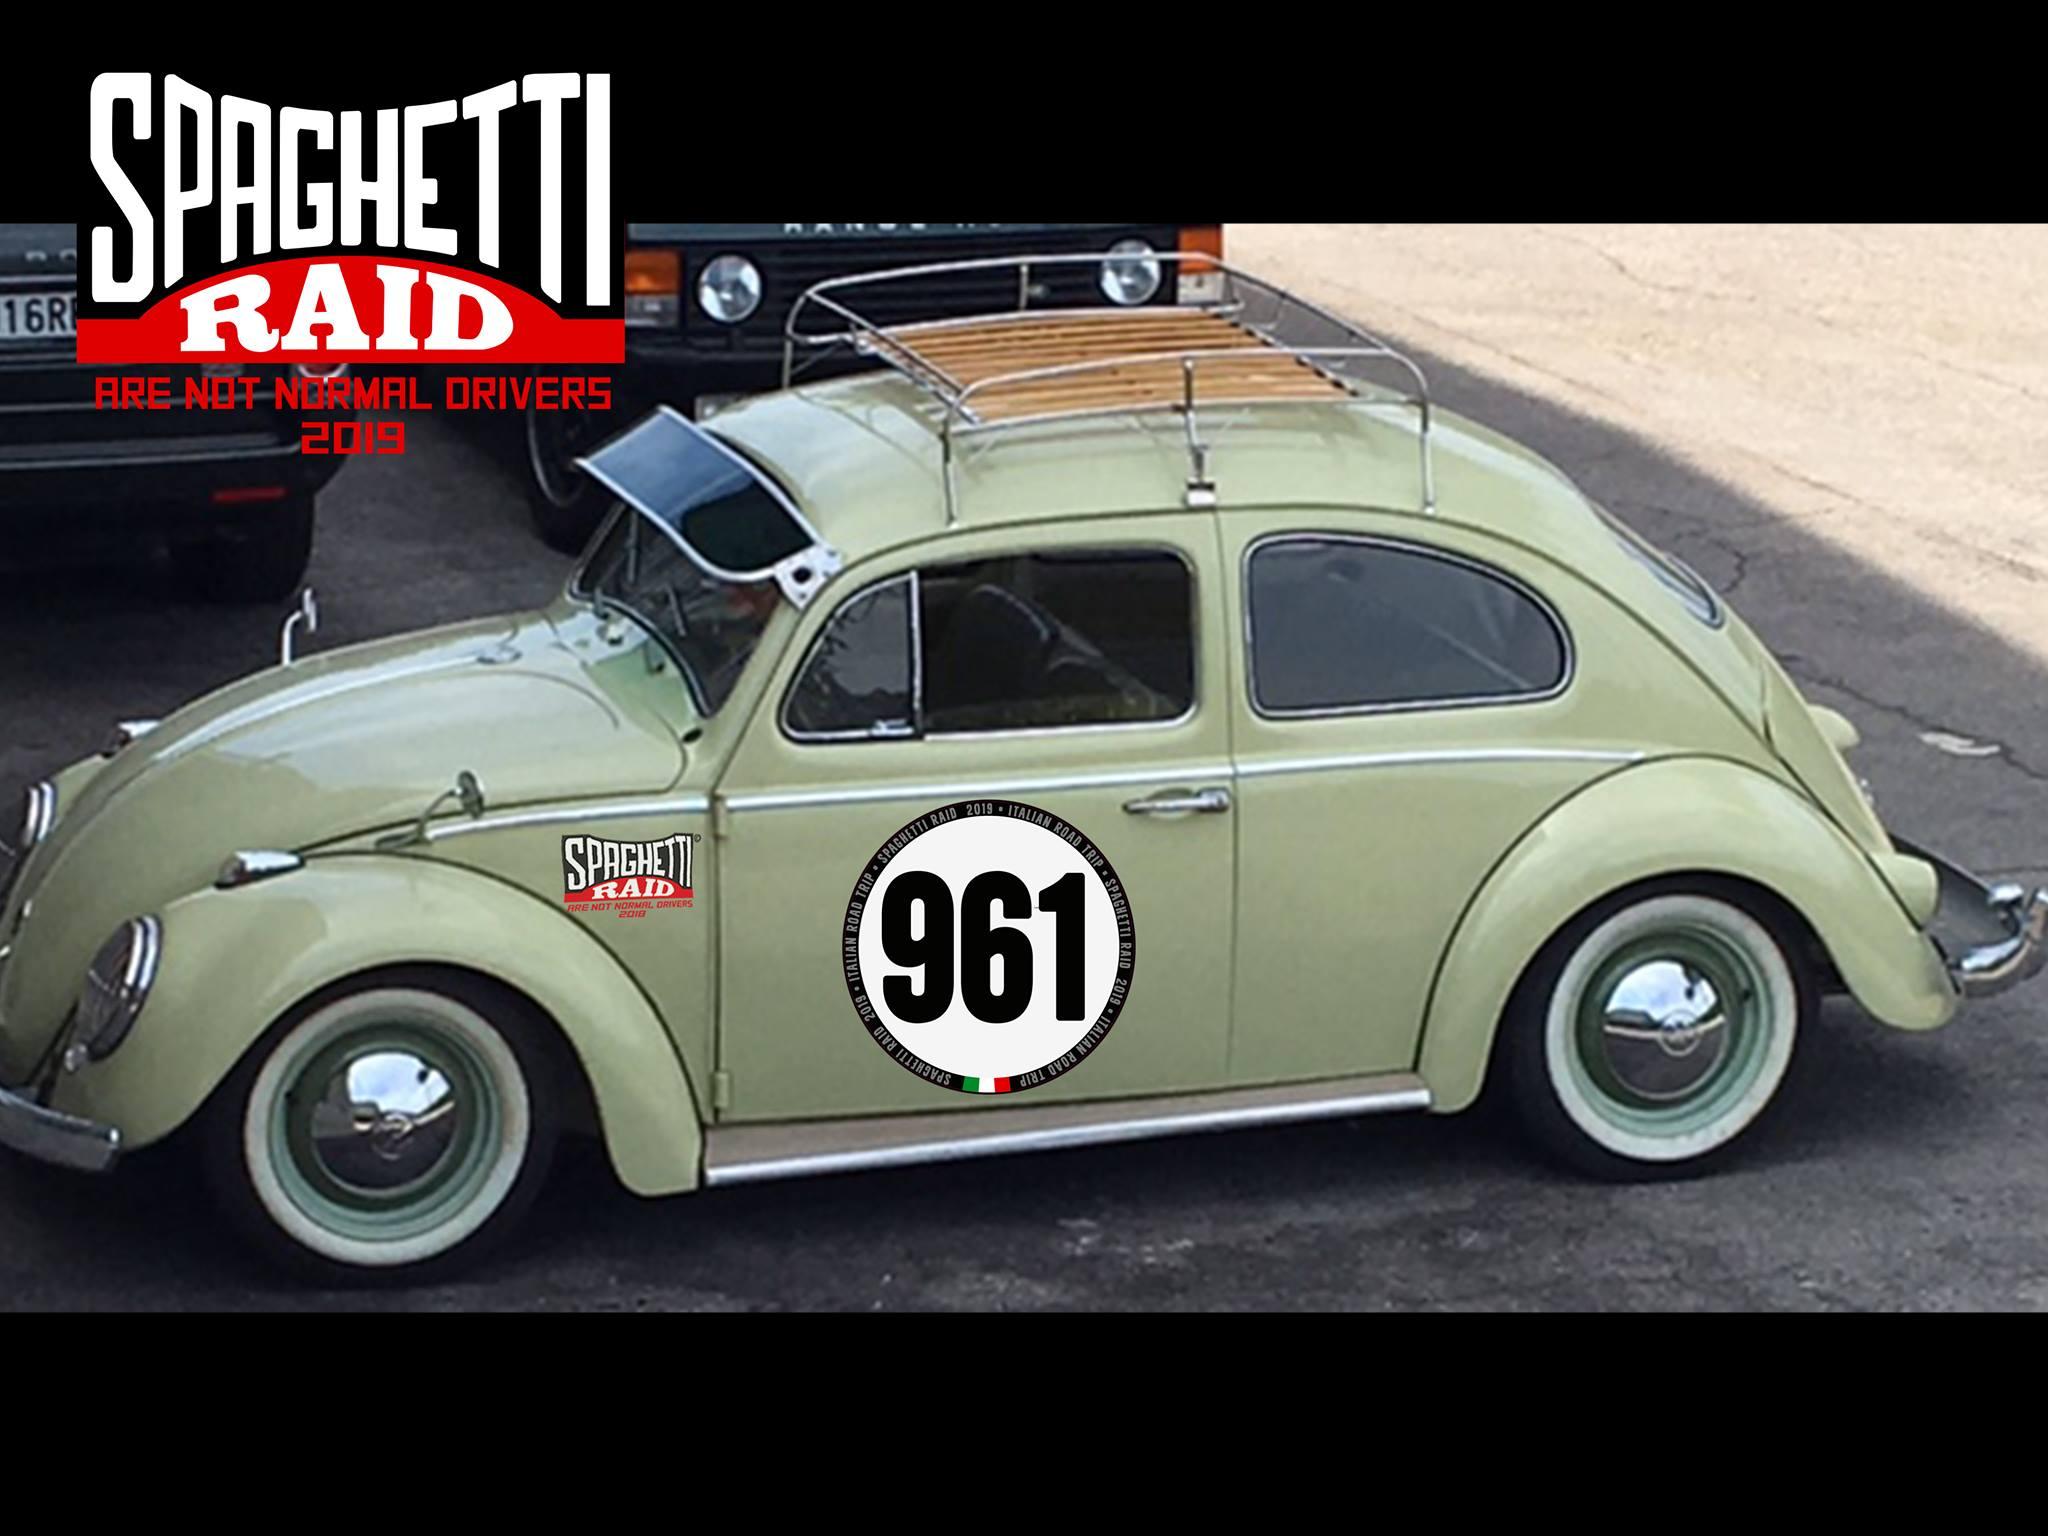 Team IL PASSATORE #961 VW MAGGIOLINO del '61 Città: Cesena